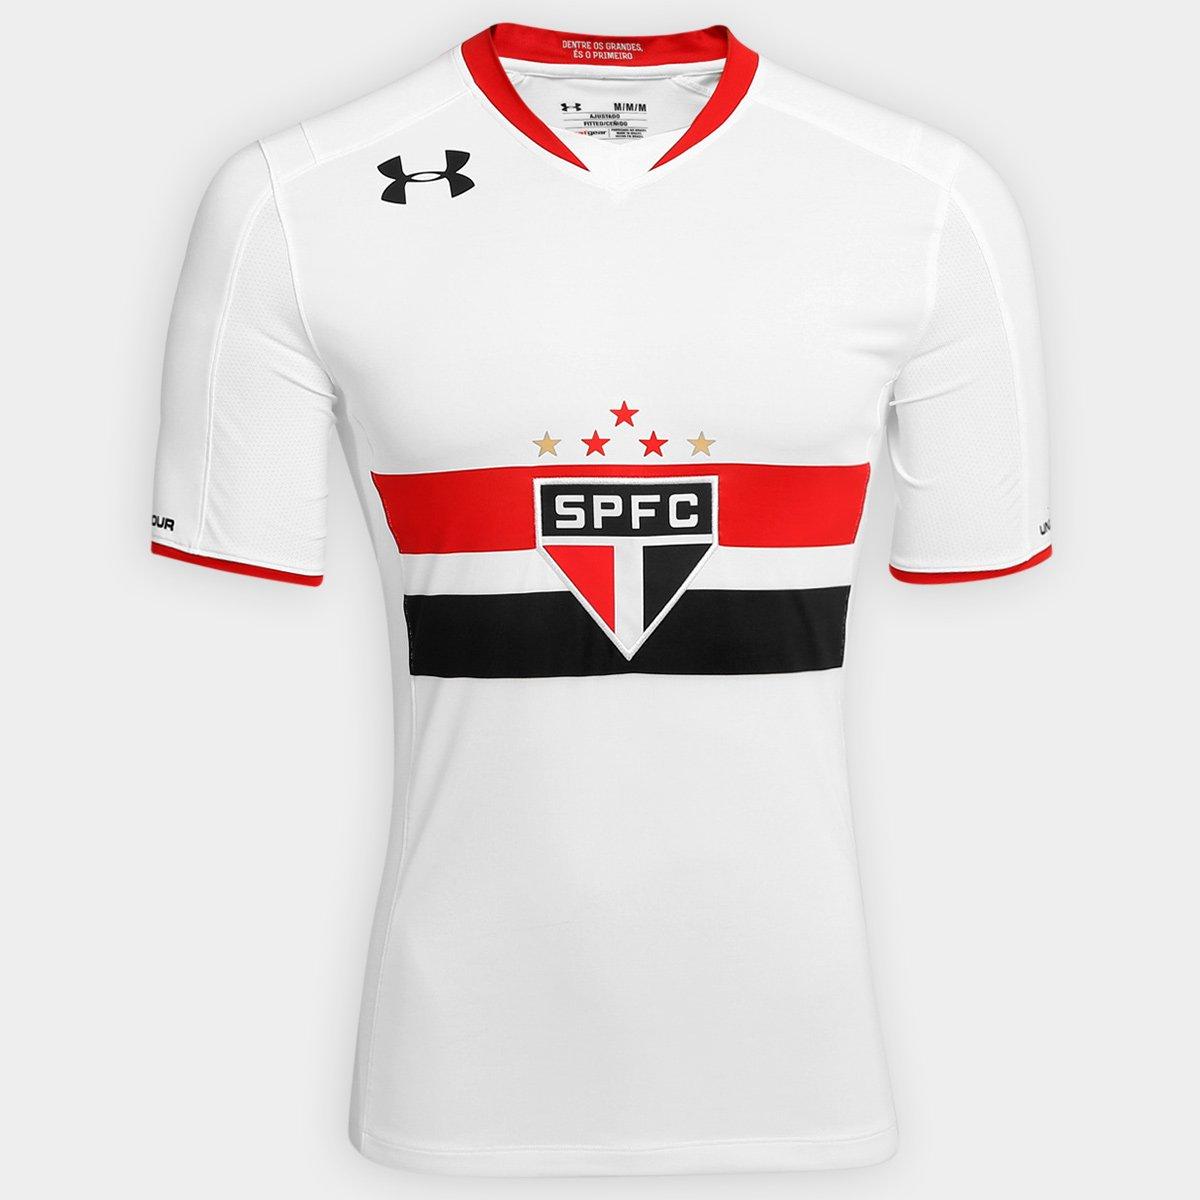 006c5c371bd Camisa São Paulo I 15 16 s nº Jogador Under Armour Masculina - Compre Agora